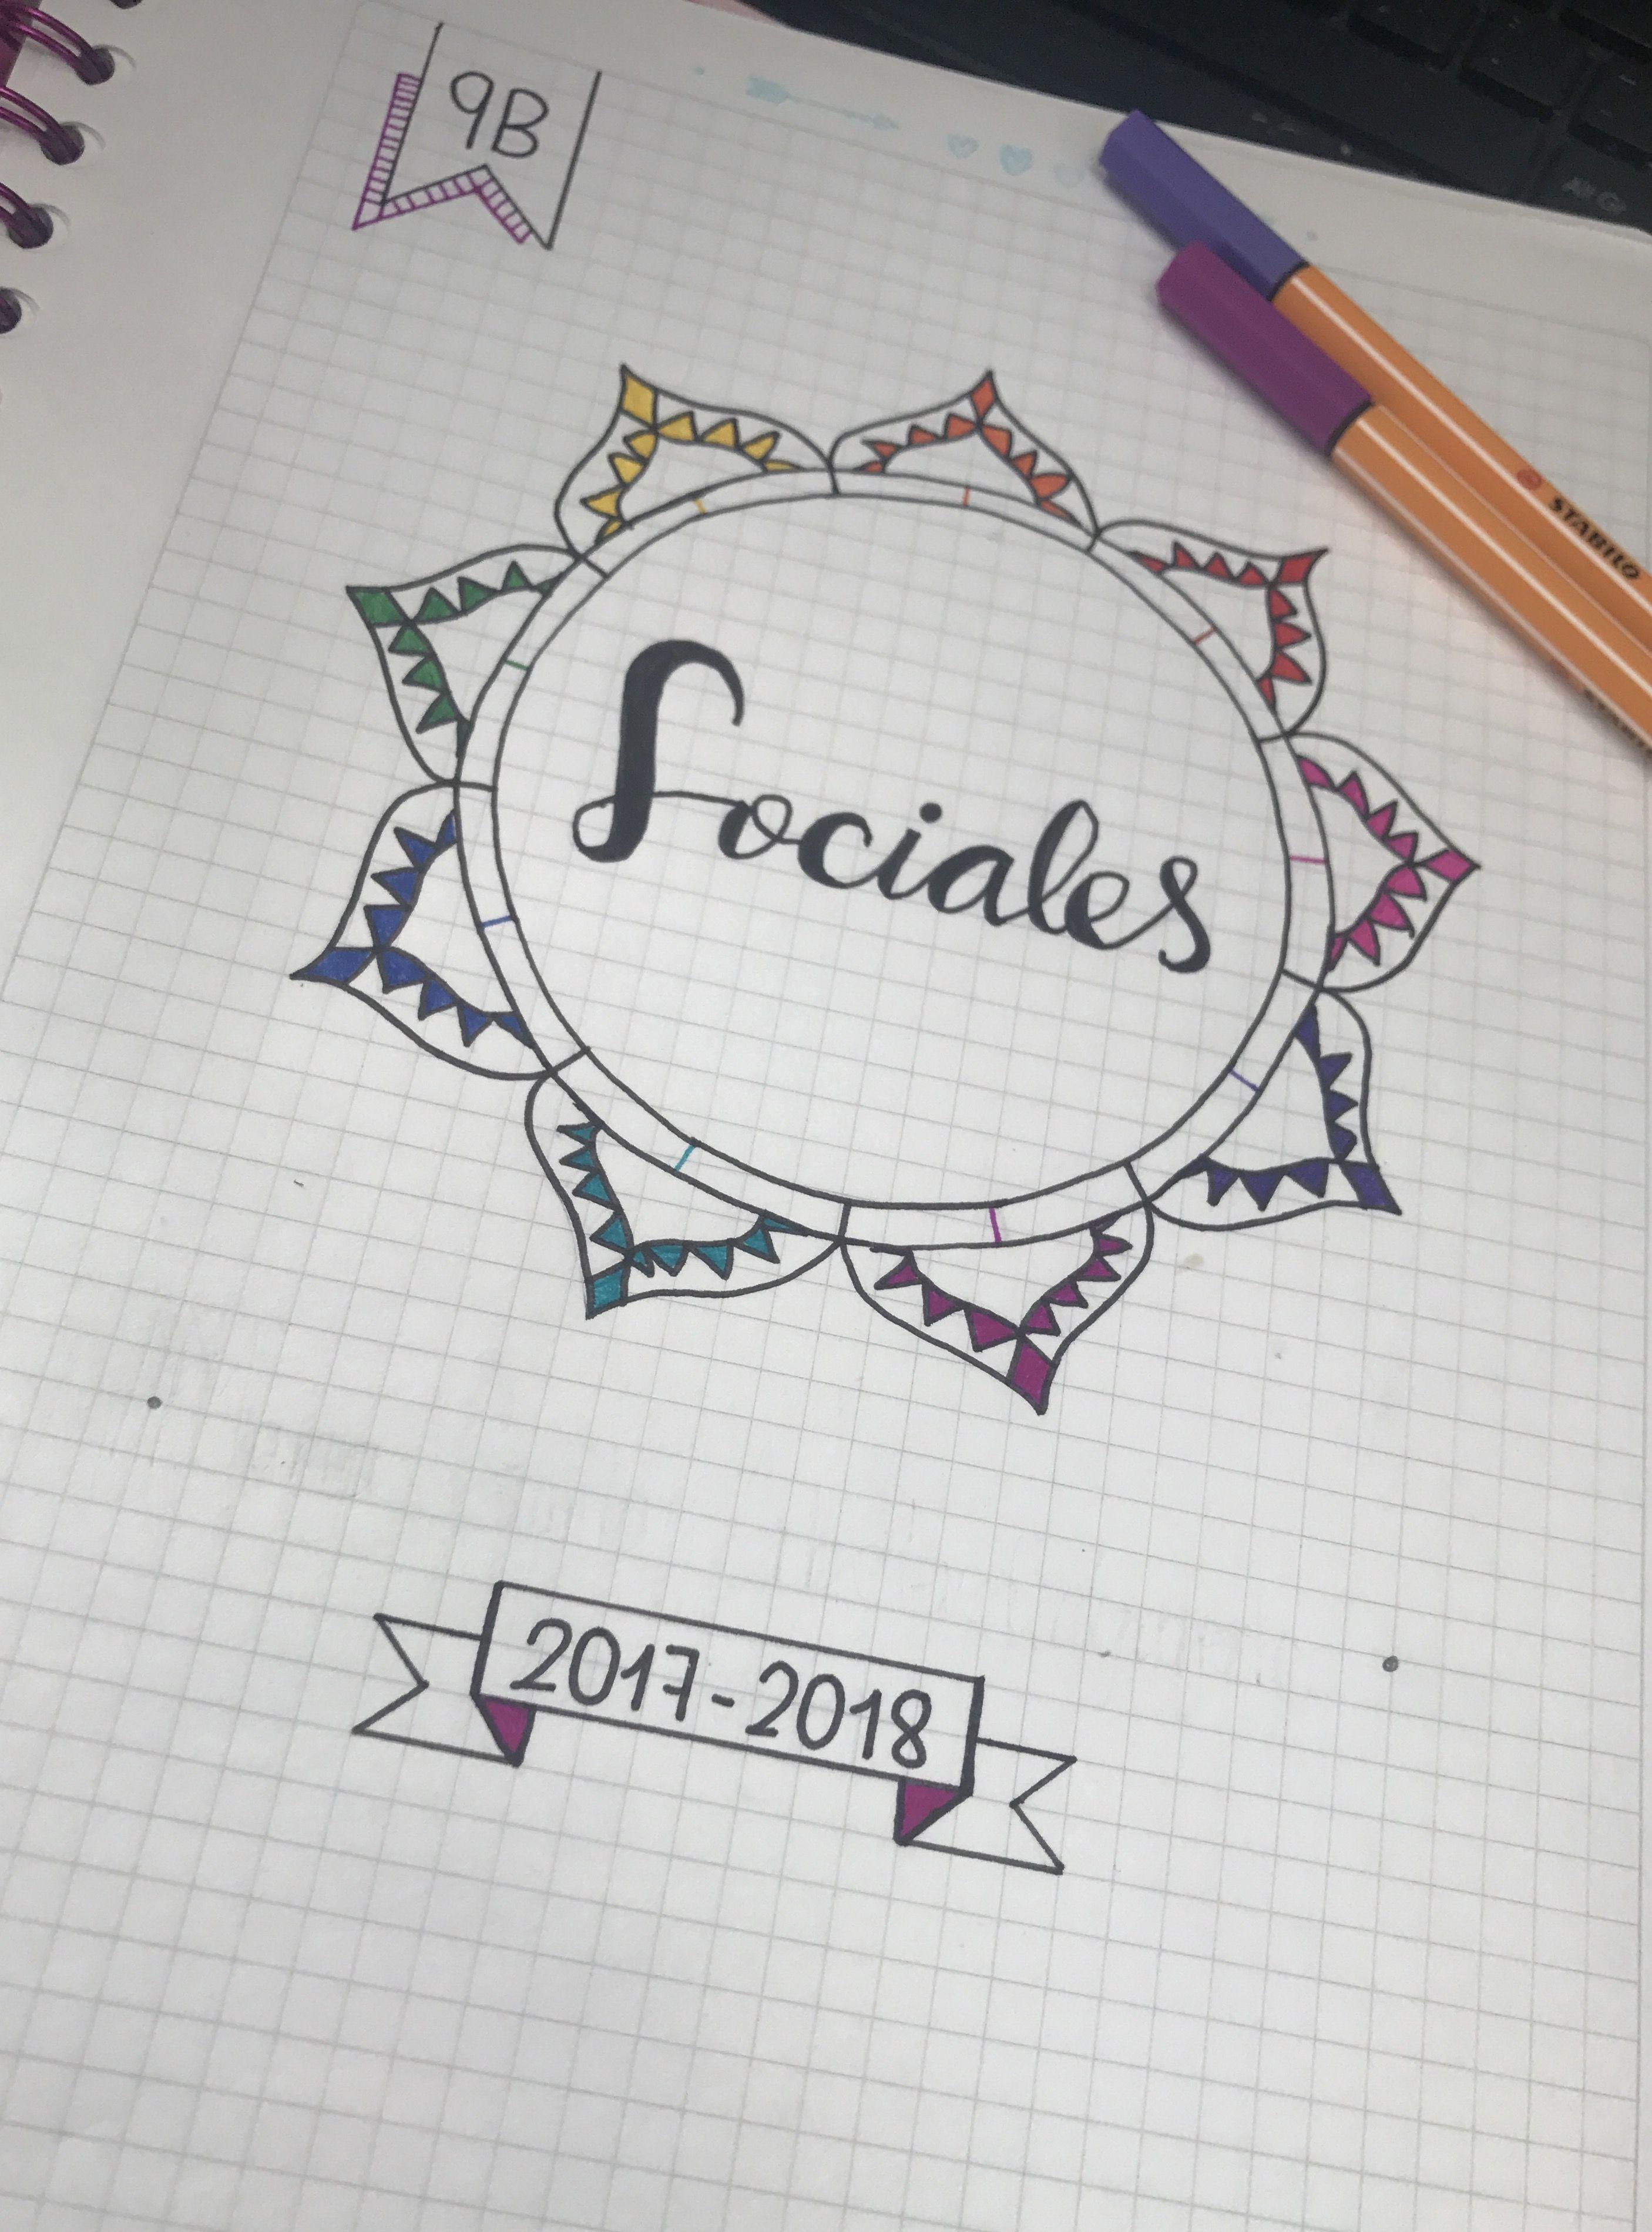 Cuaderno Marcado De Sociales Escuela School Notebooks School